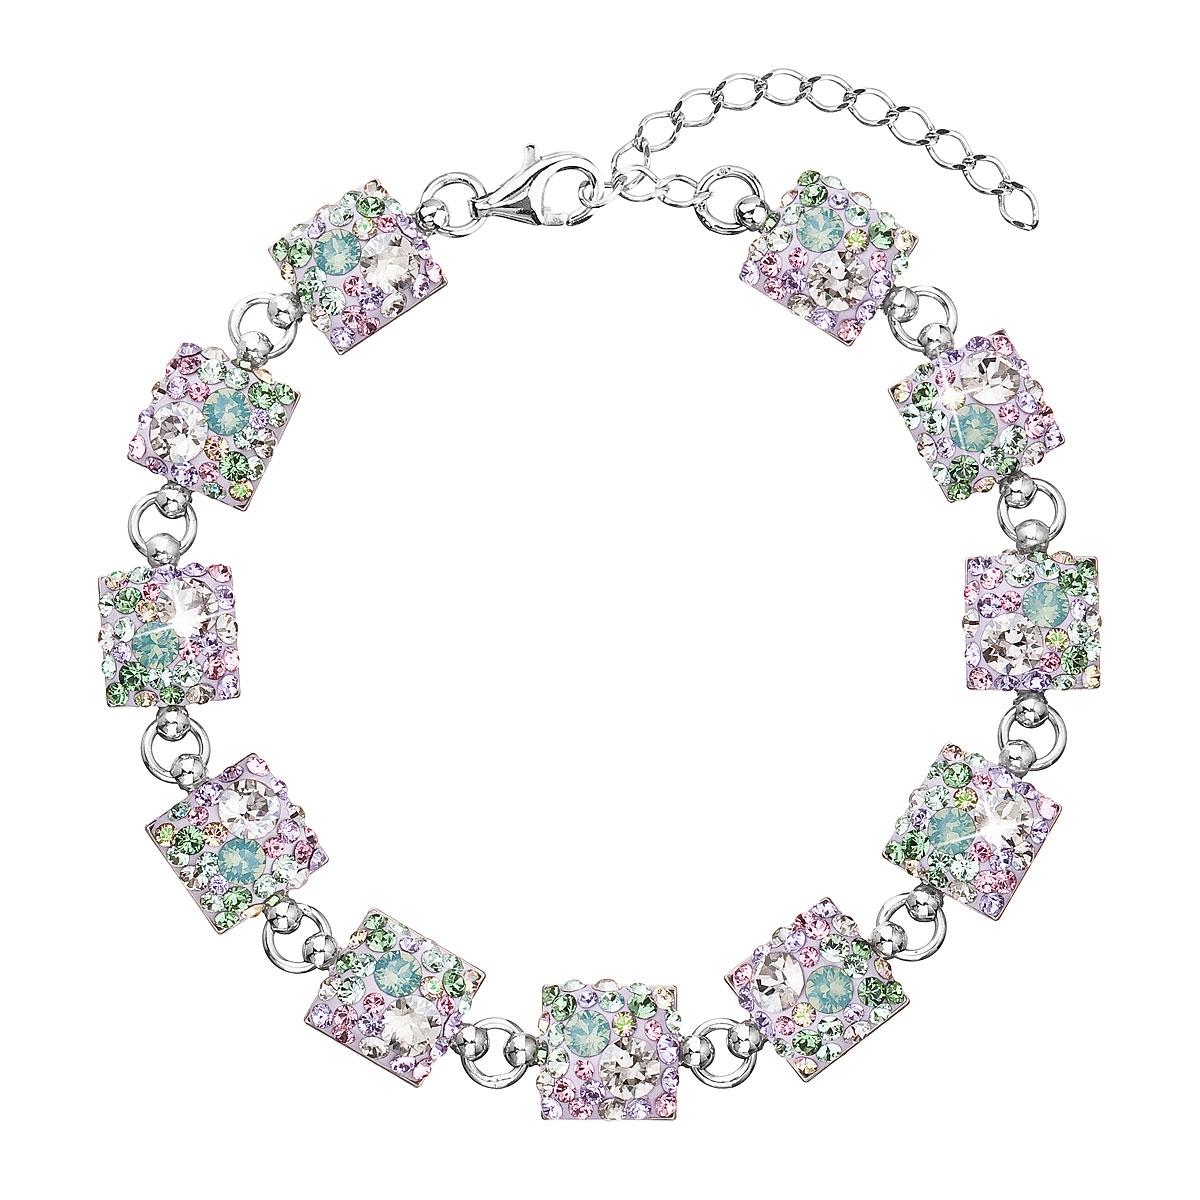 Strieborný náramok s kryštálmi Crystals from Swarovski ®, Sakura